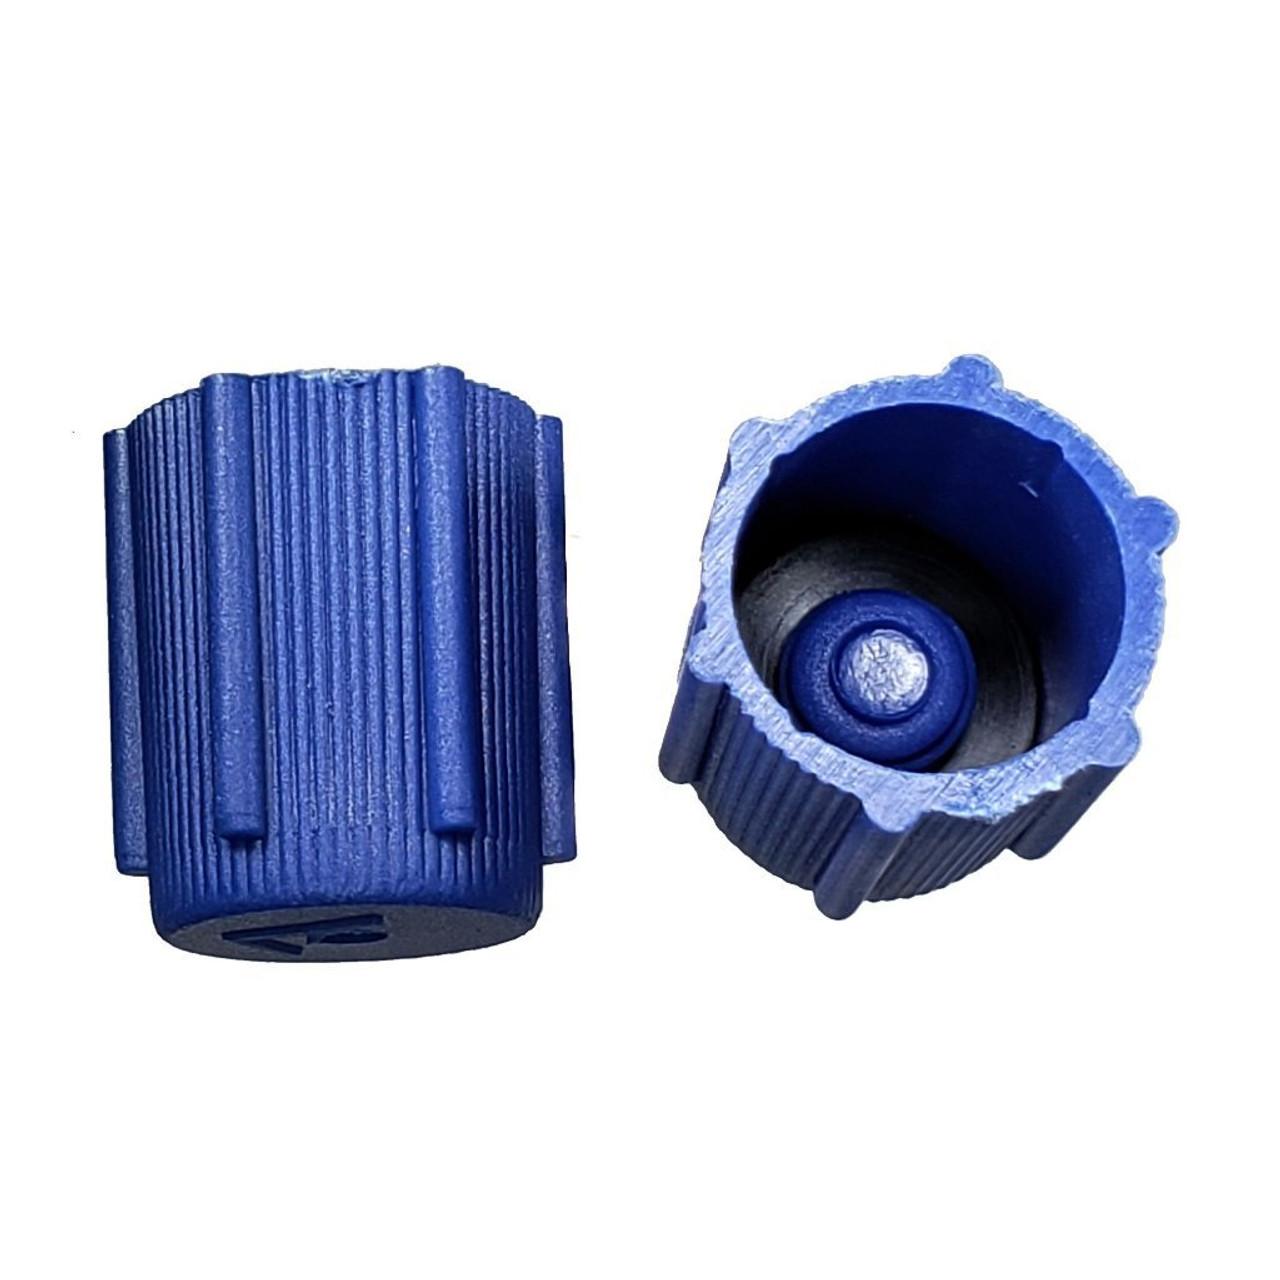 AC Service Valve Cap - Blue Low Side M8x1.0 - Interchanges: MT0063, 59987